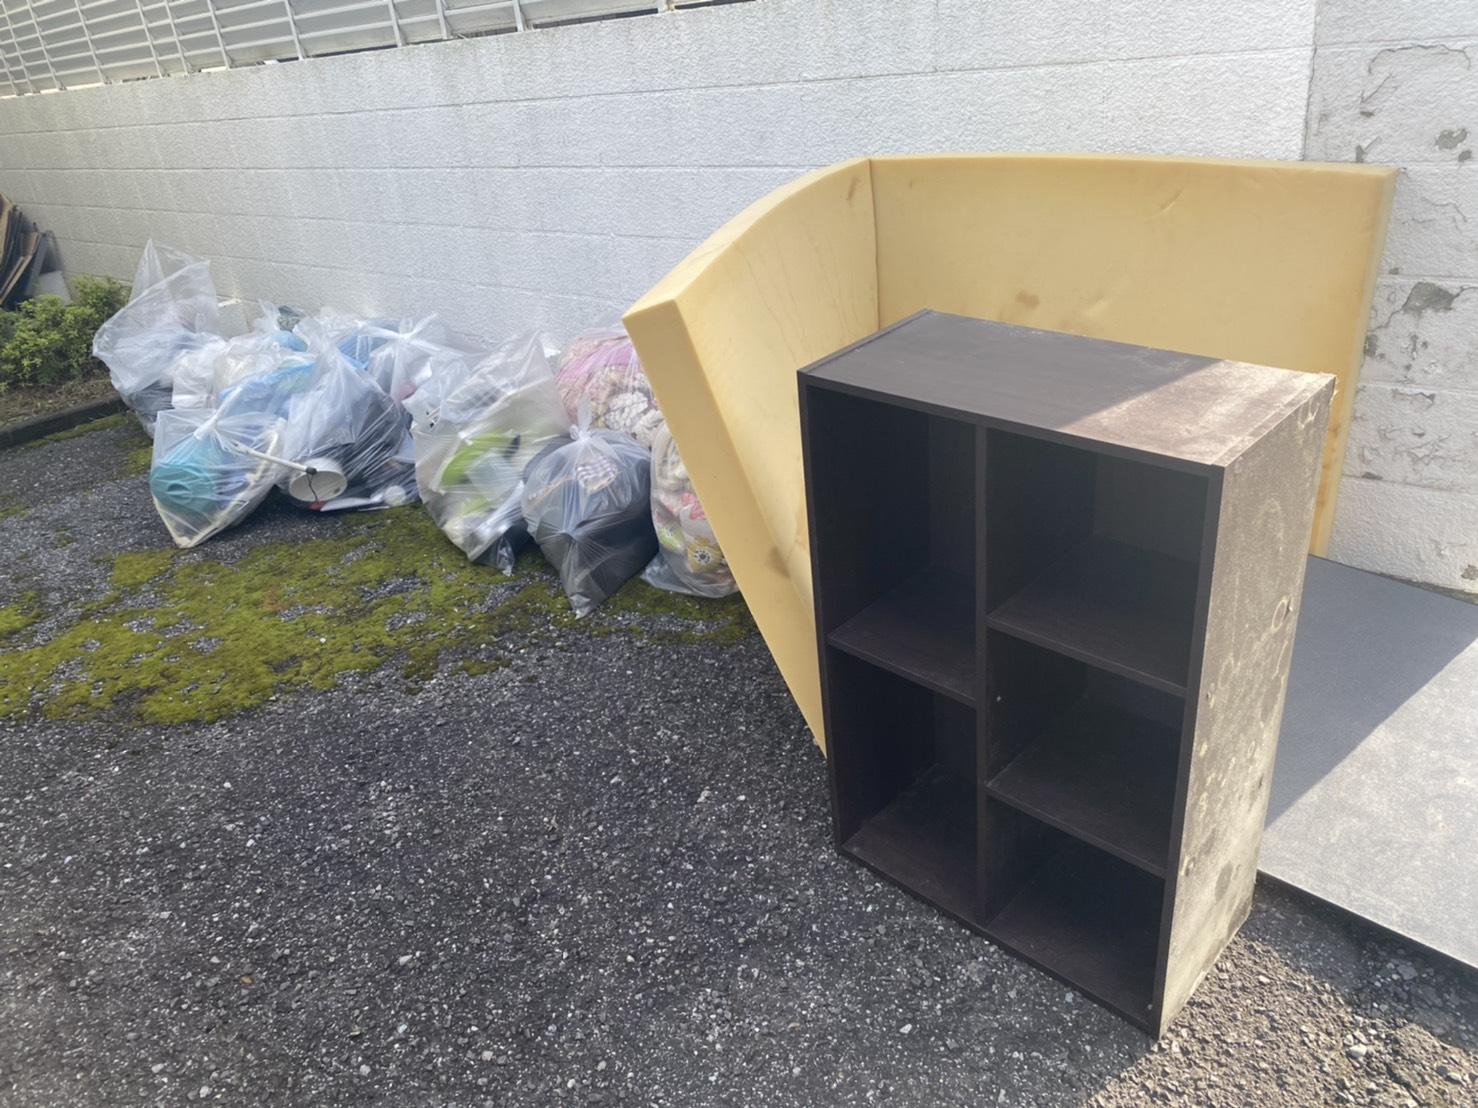 本棚、衣類、その他の不用品の回収前